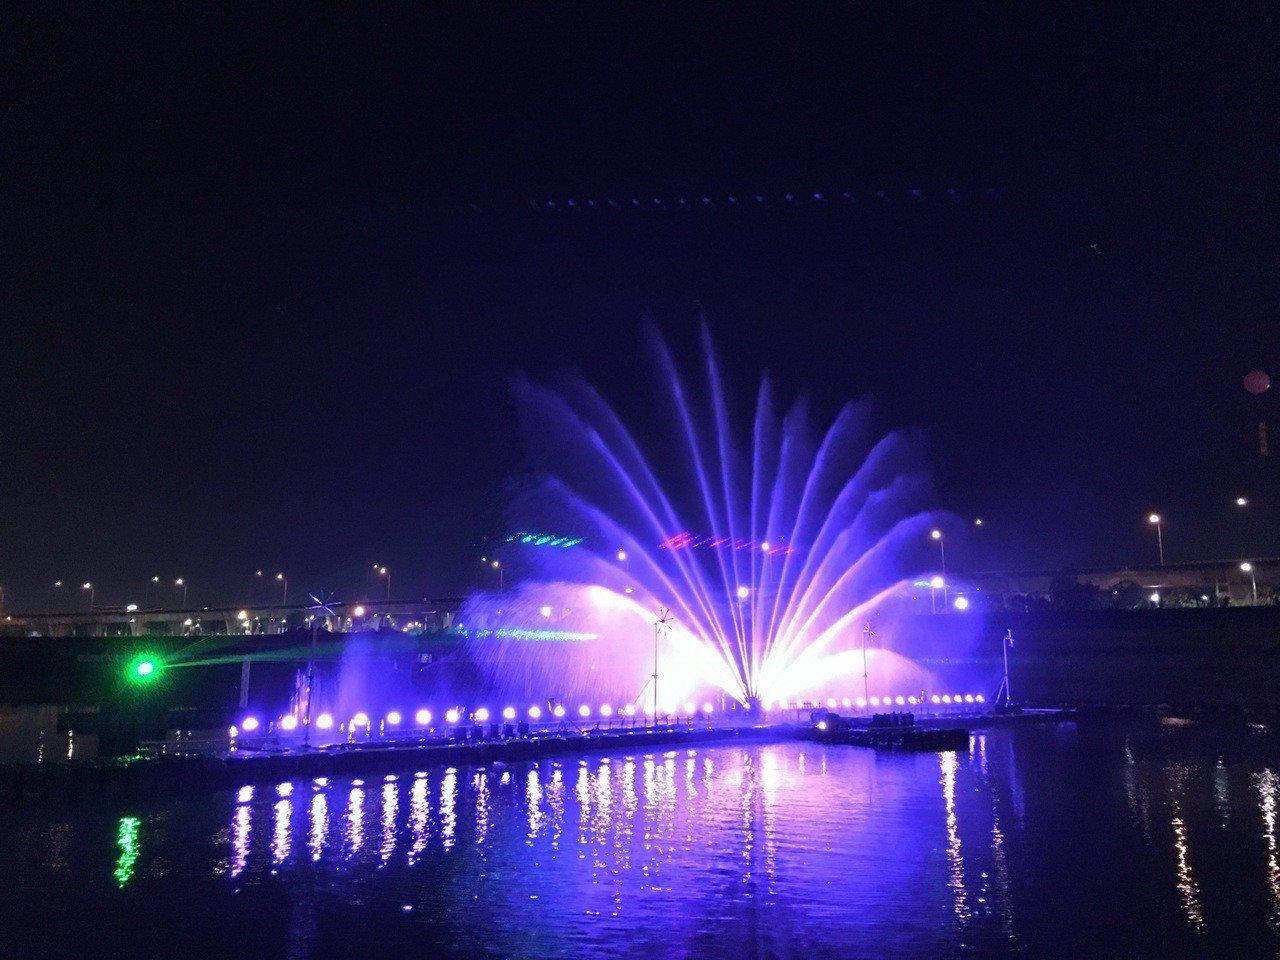 南投燈會首場水舞秀今天登場,從浪漫情人橋往下眺望,五顏六色的燈光隨著水幕變換萬千...